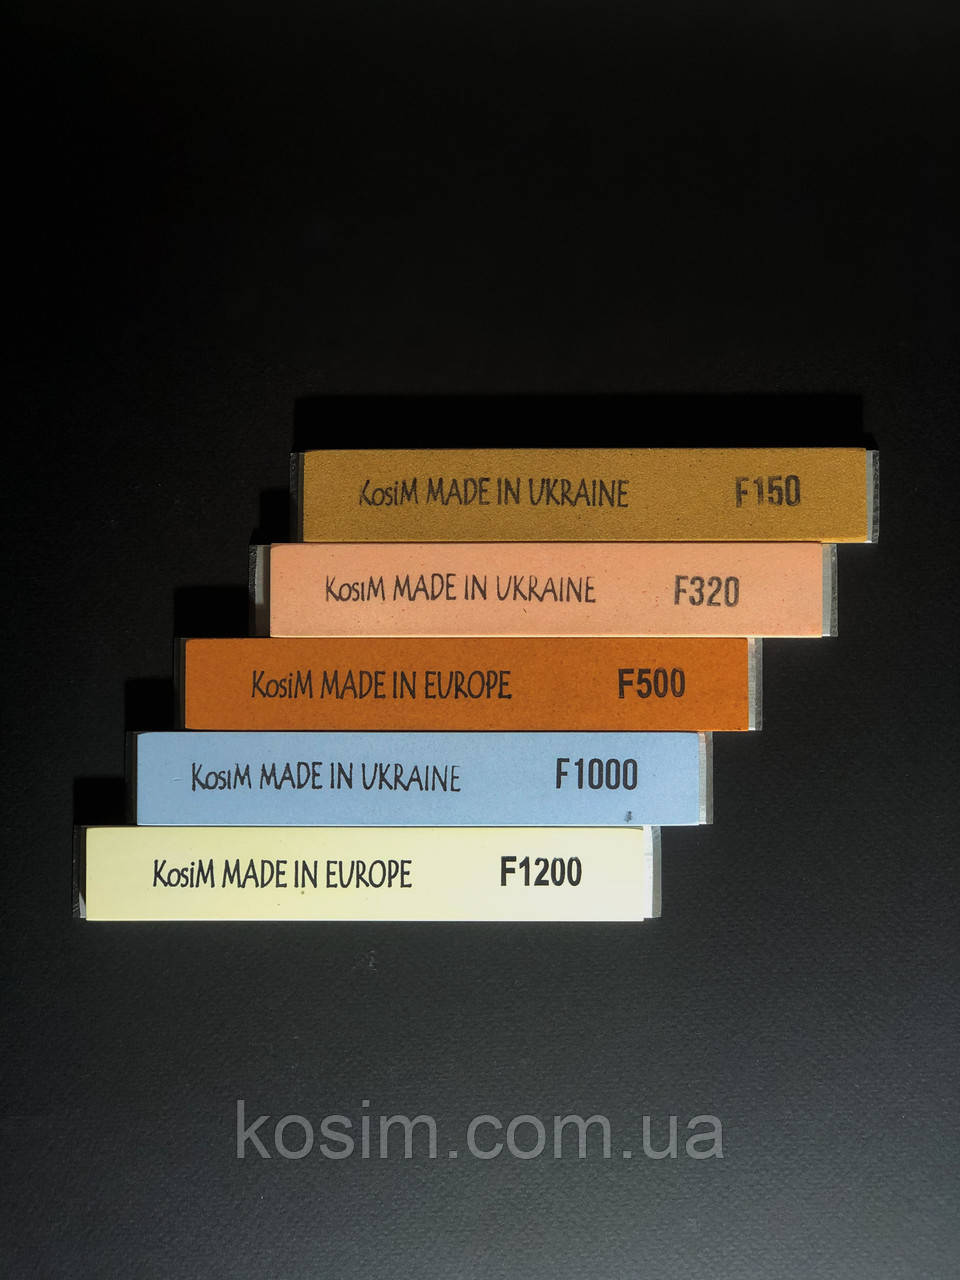 Масляные точильные бруски KosiM 25 А F150/320/500/1000/1200 6 мм.Набор 5 шт.Приклеены на бланк